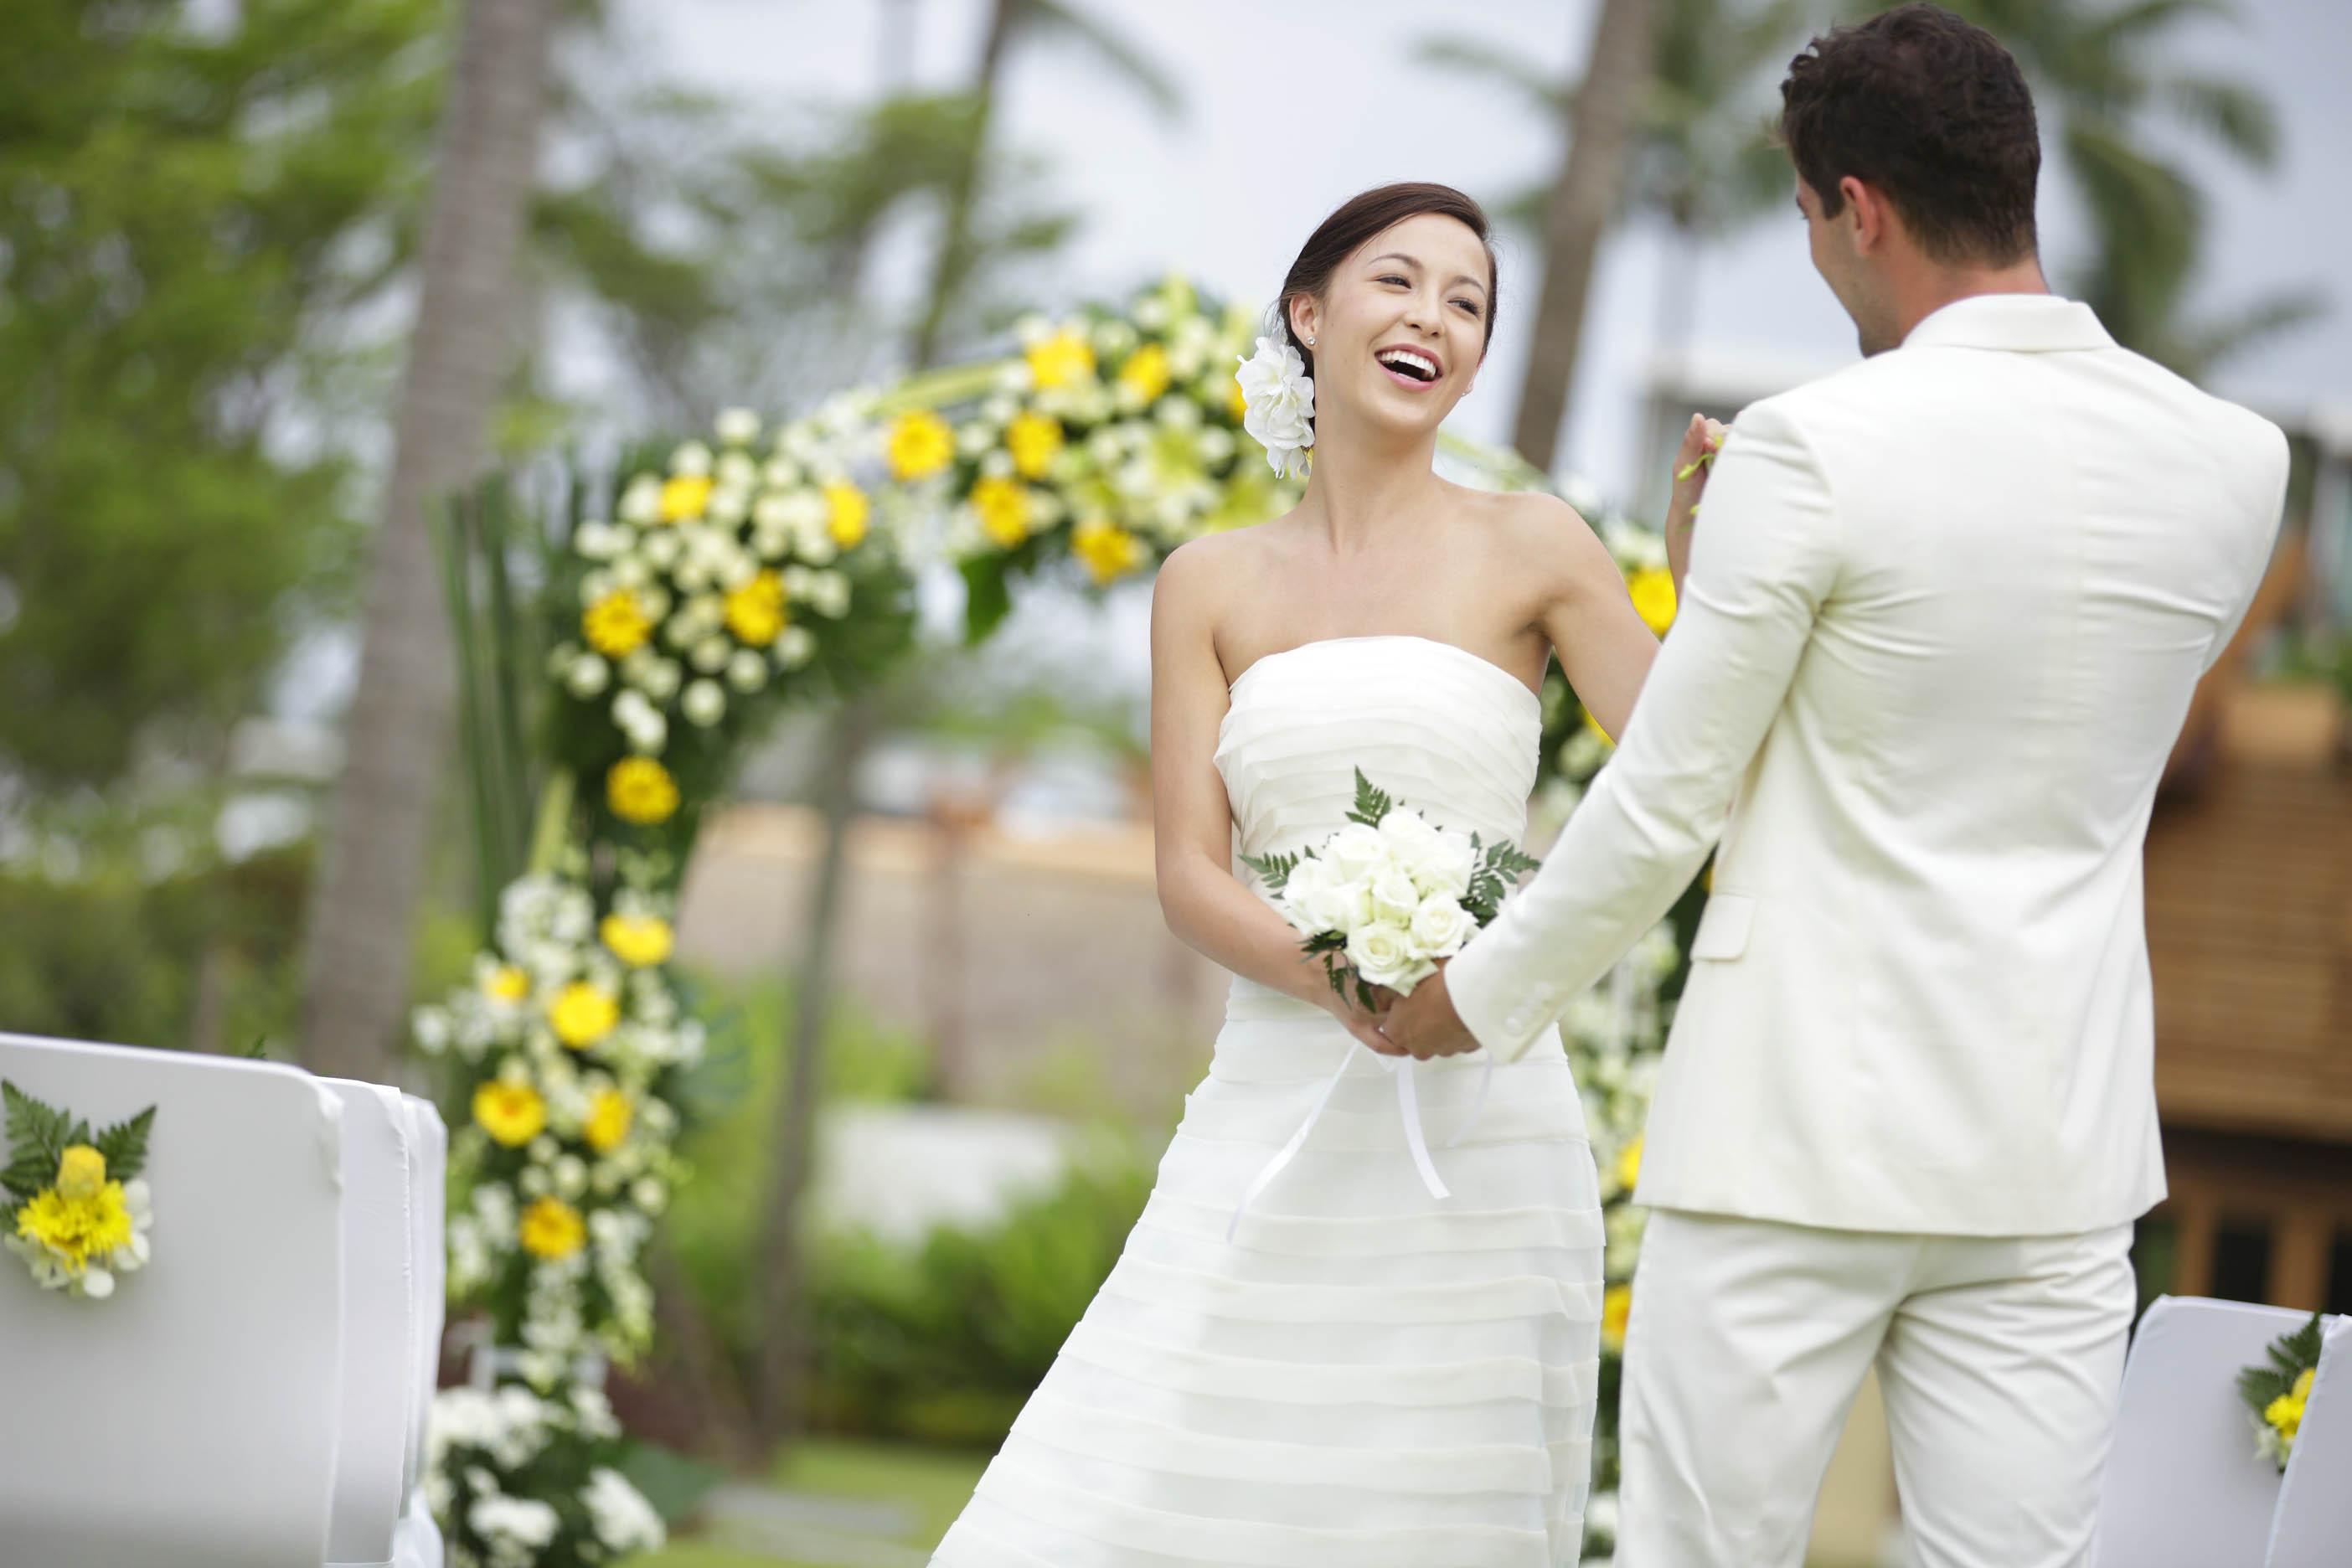 Фото девушек со свадьбы с дружкой 9 фотография